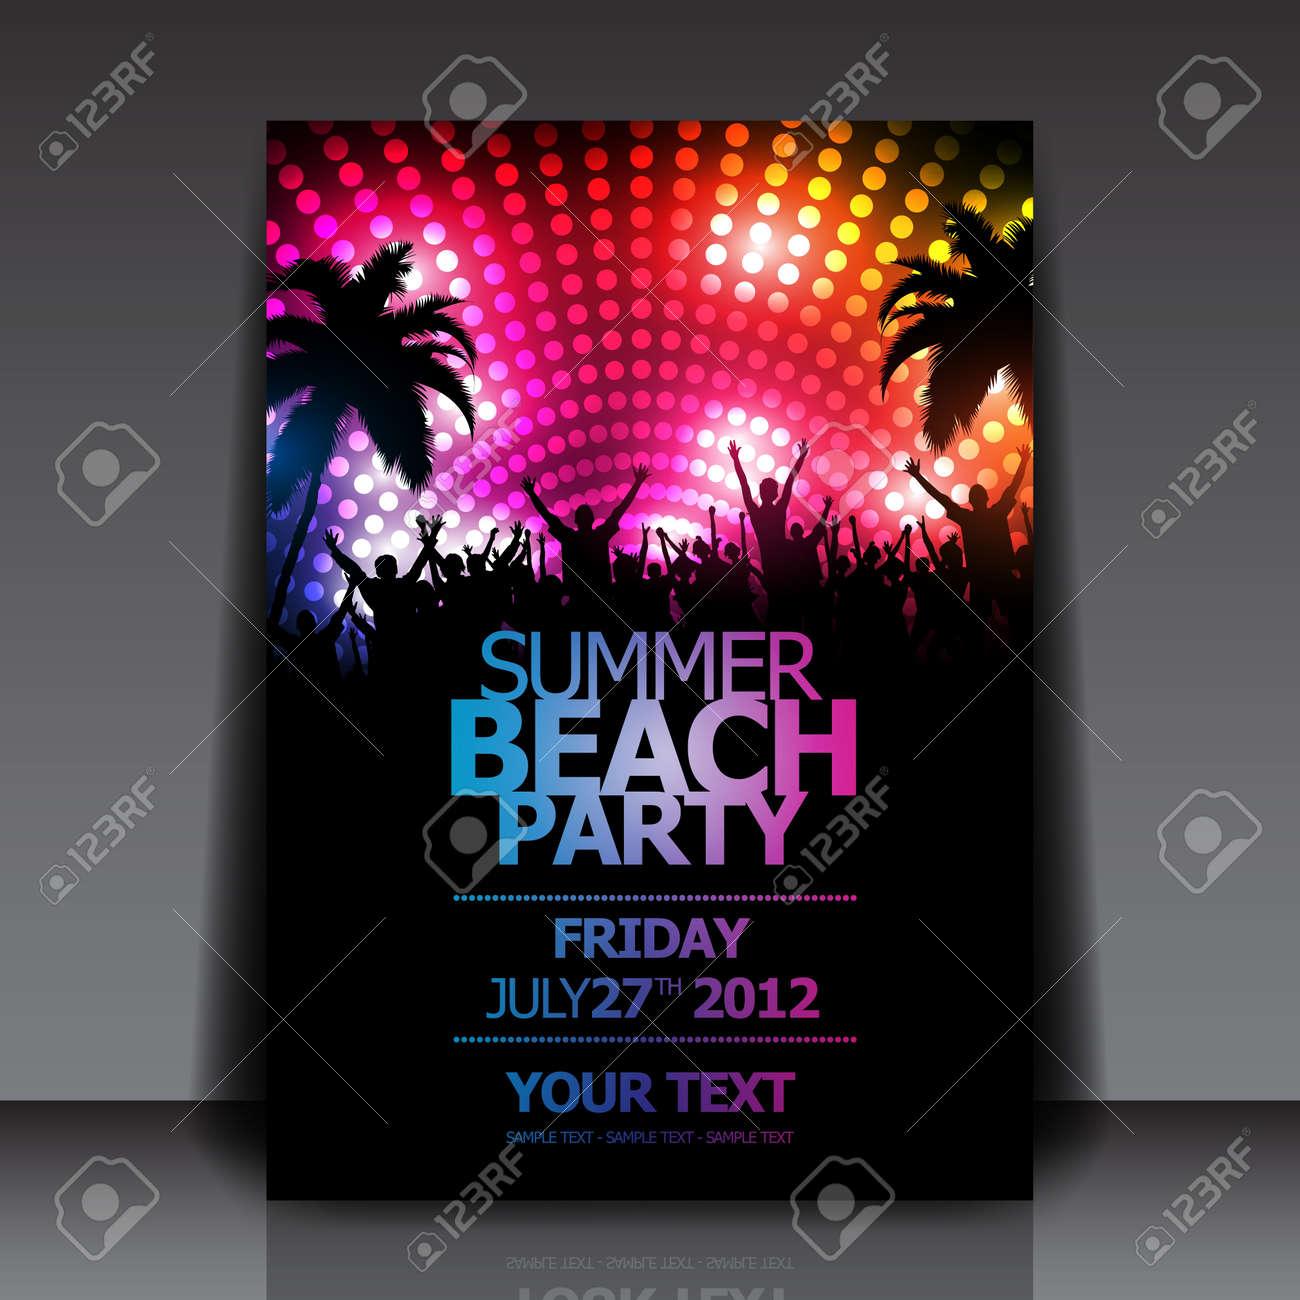 Summer Beach Party Flyer Template - 14428923